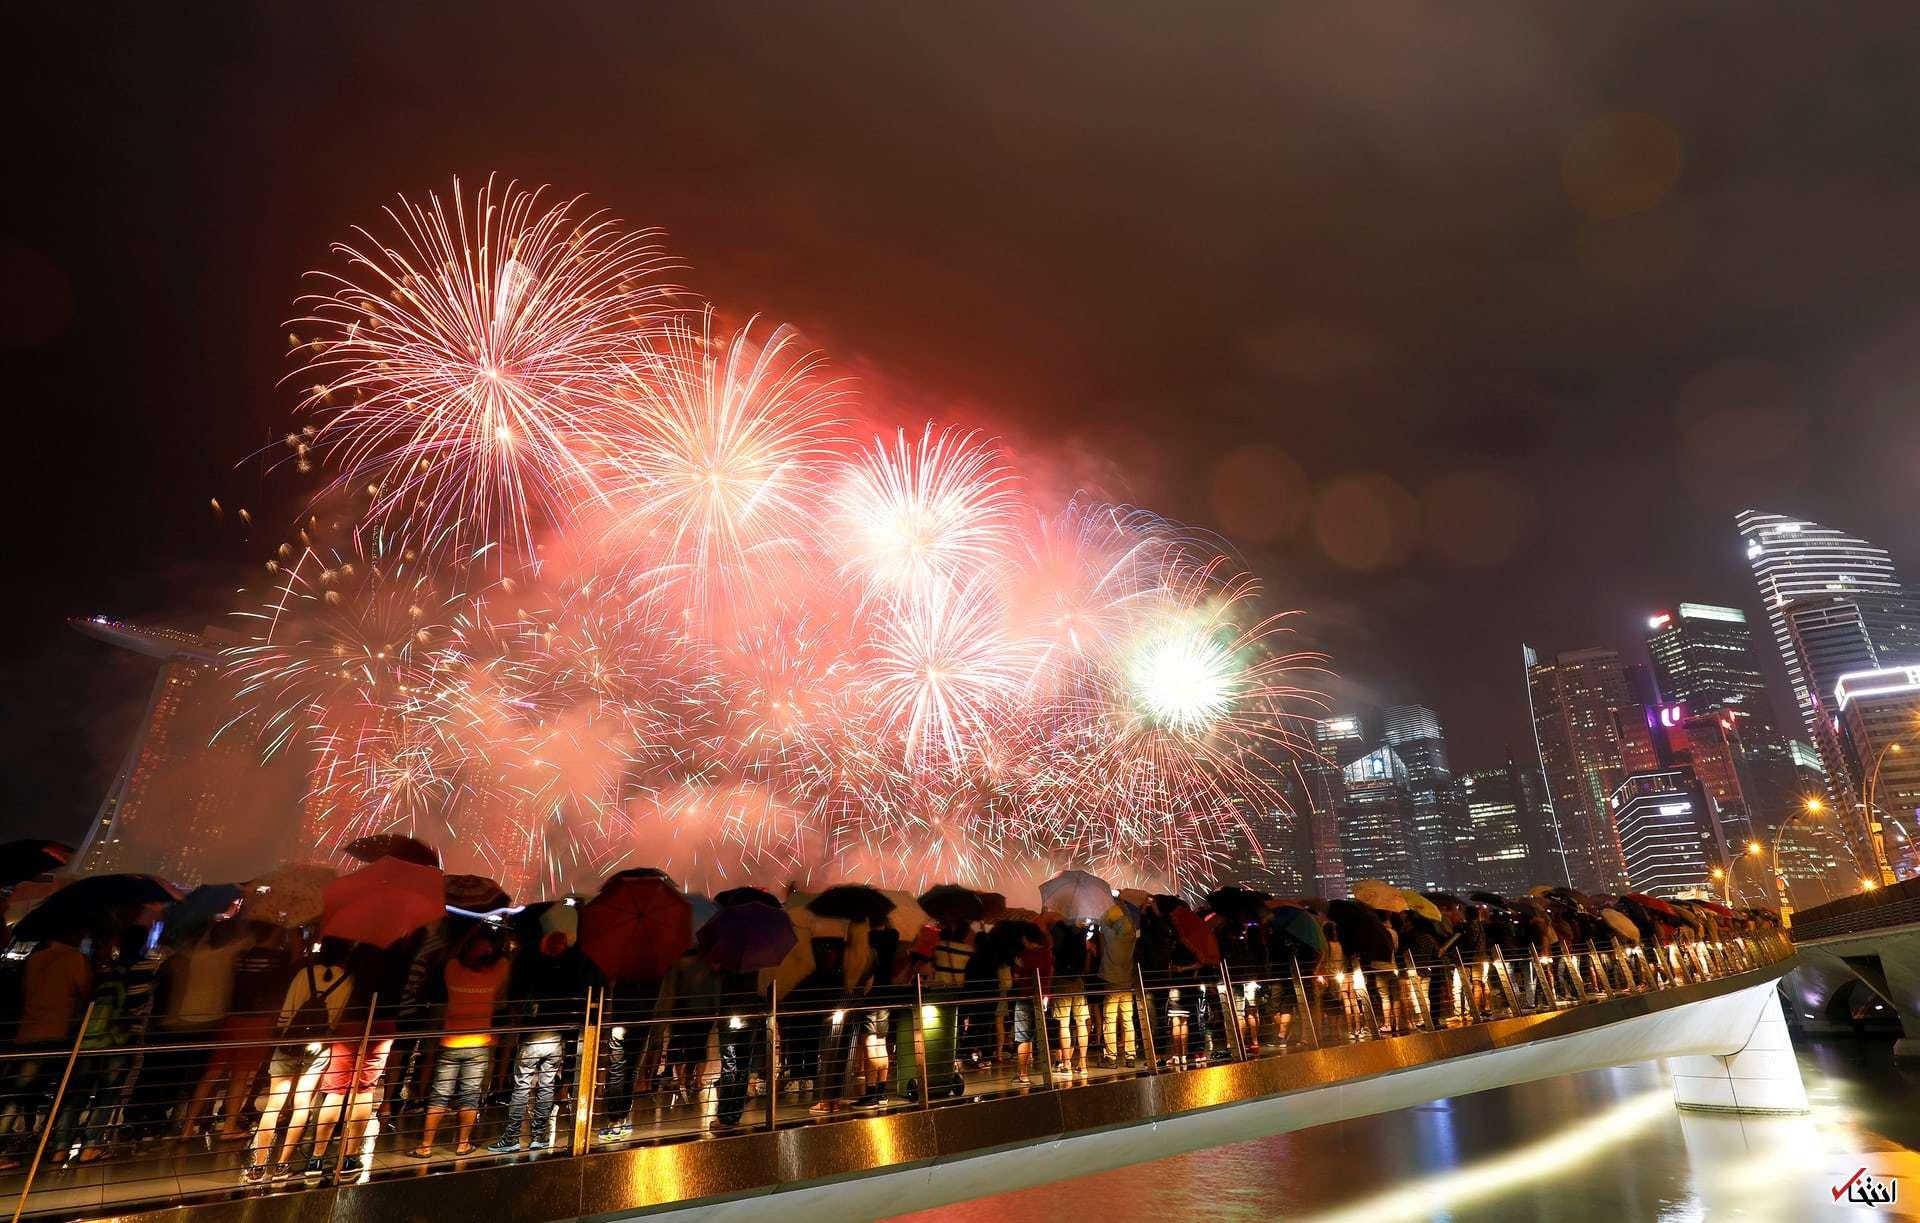 تصاویر : جشن سال نو میلادی در شهرهای مختلف جهان